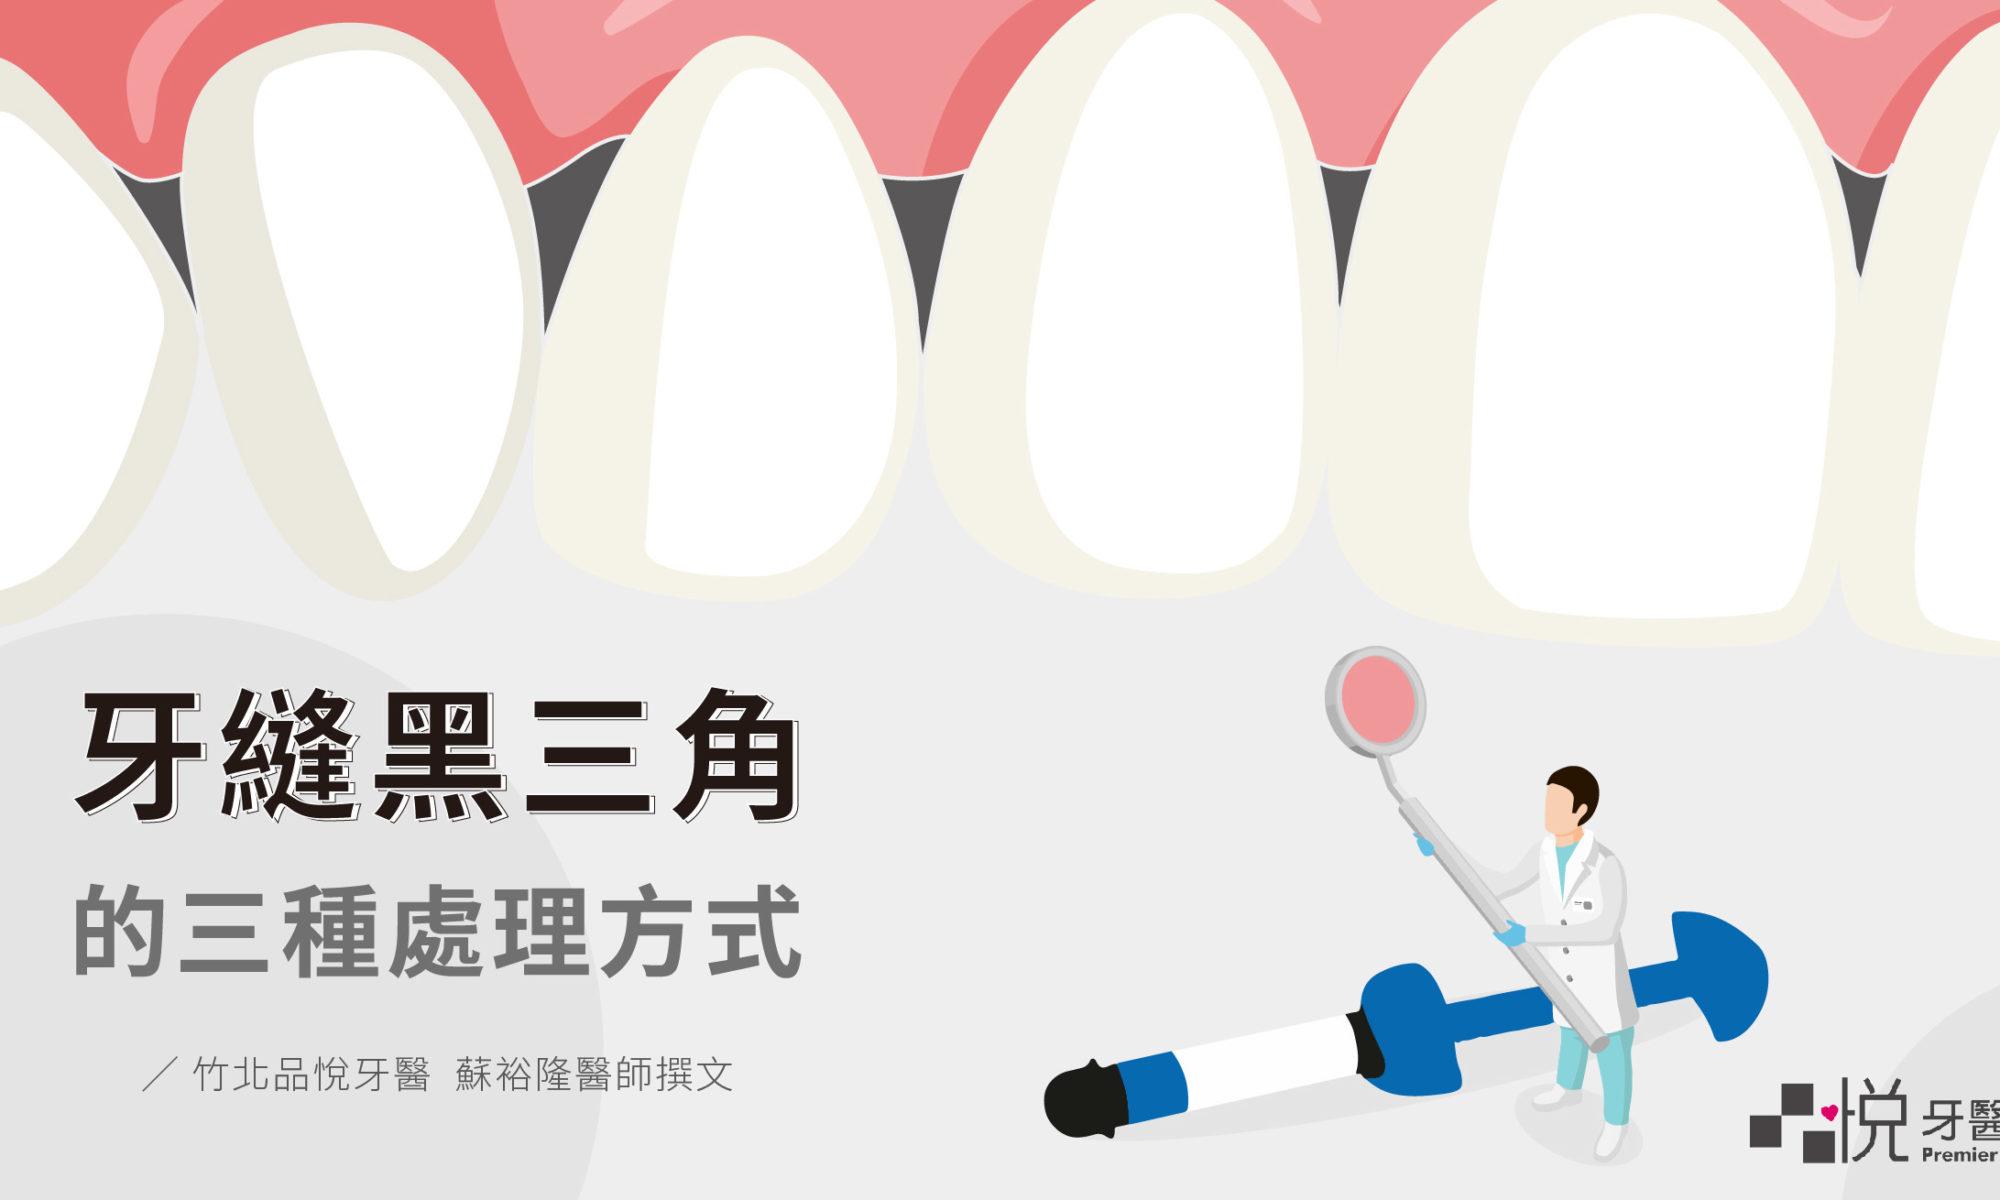 牙縫黑三角的三種牙科處理方式